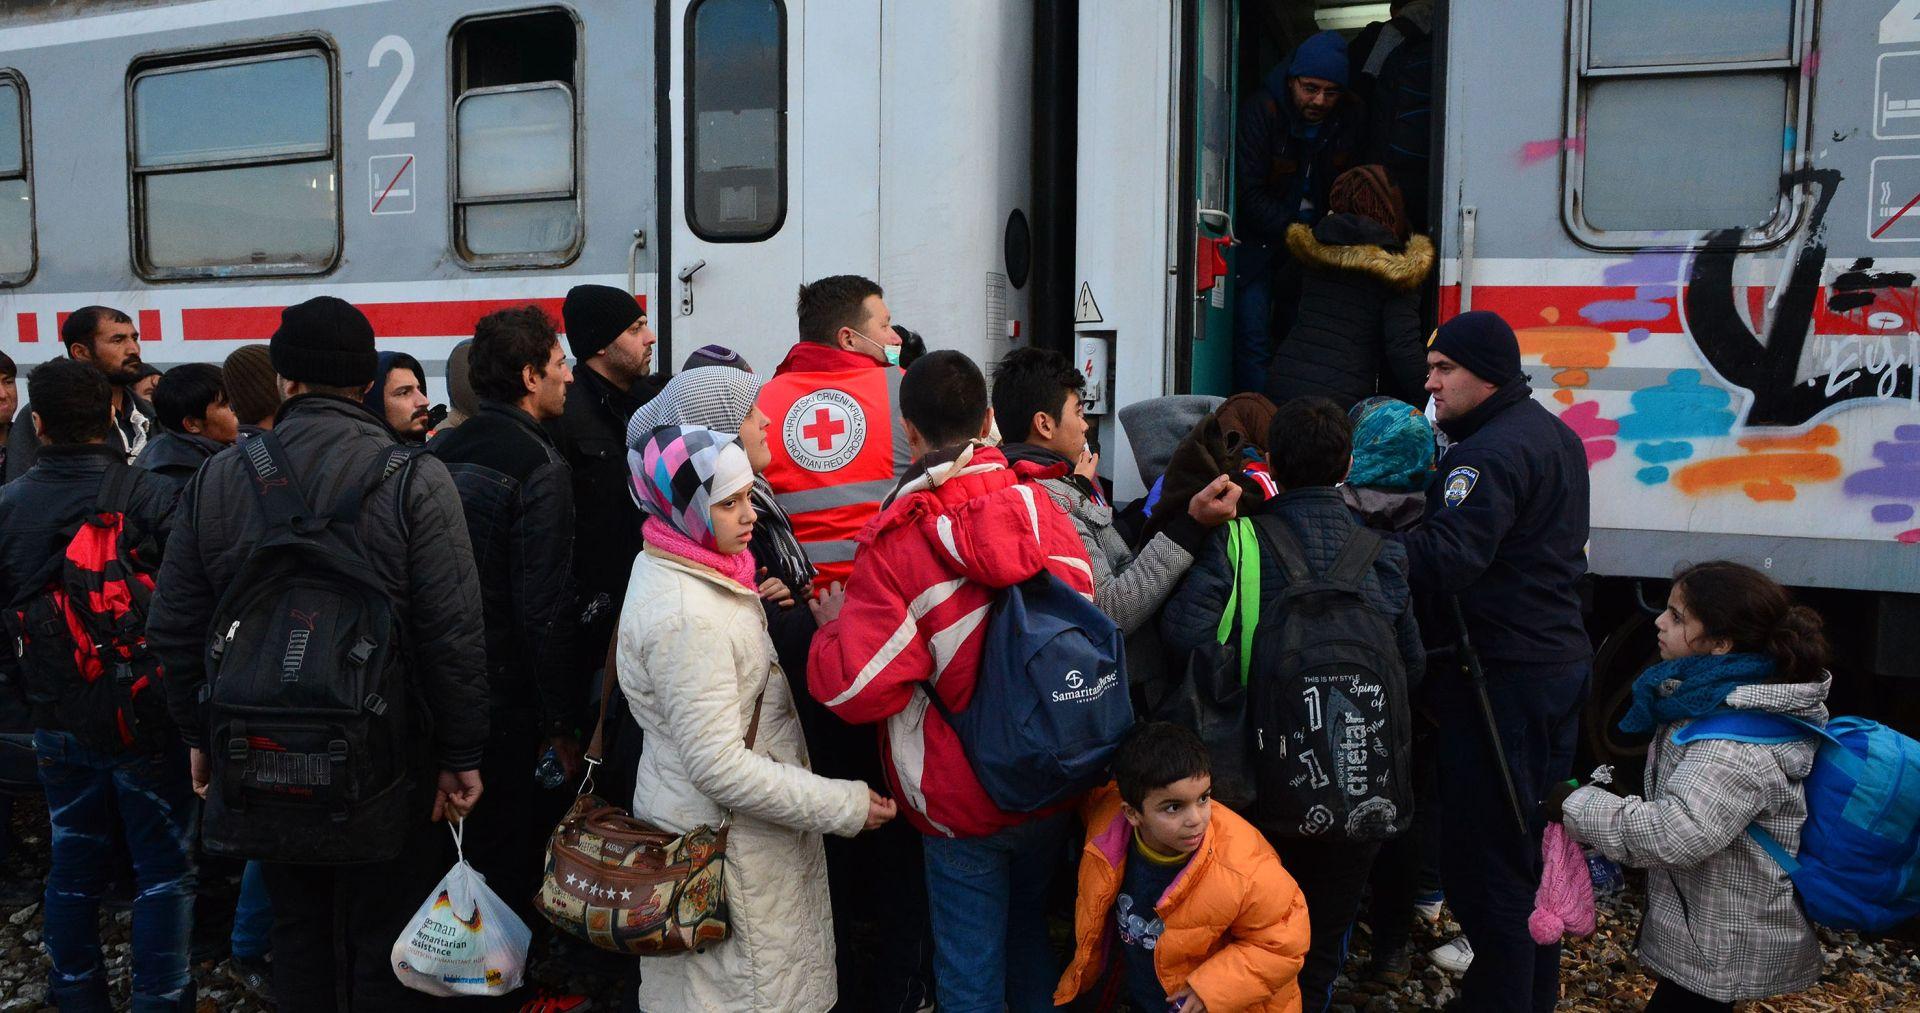 NOVI REŽIM: Hrvatska uvodi nova pravila za migrante